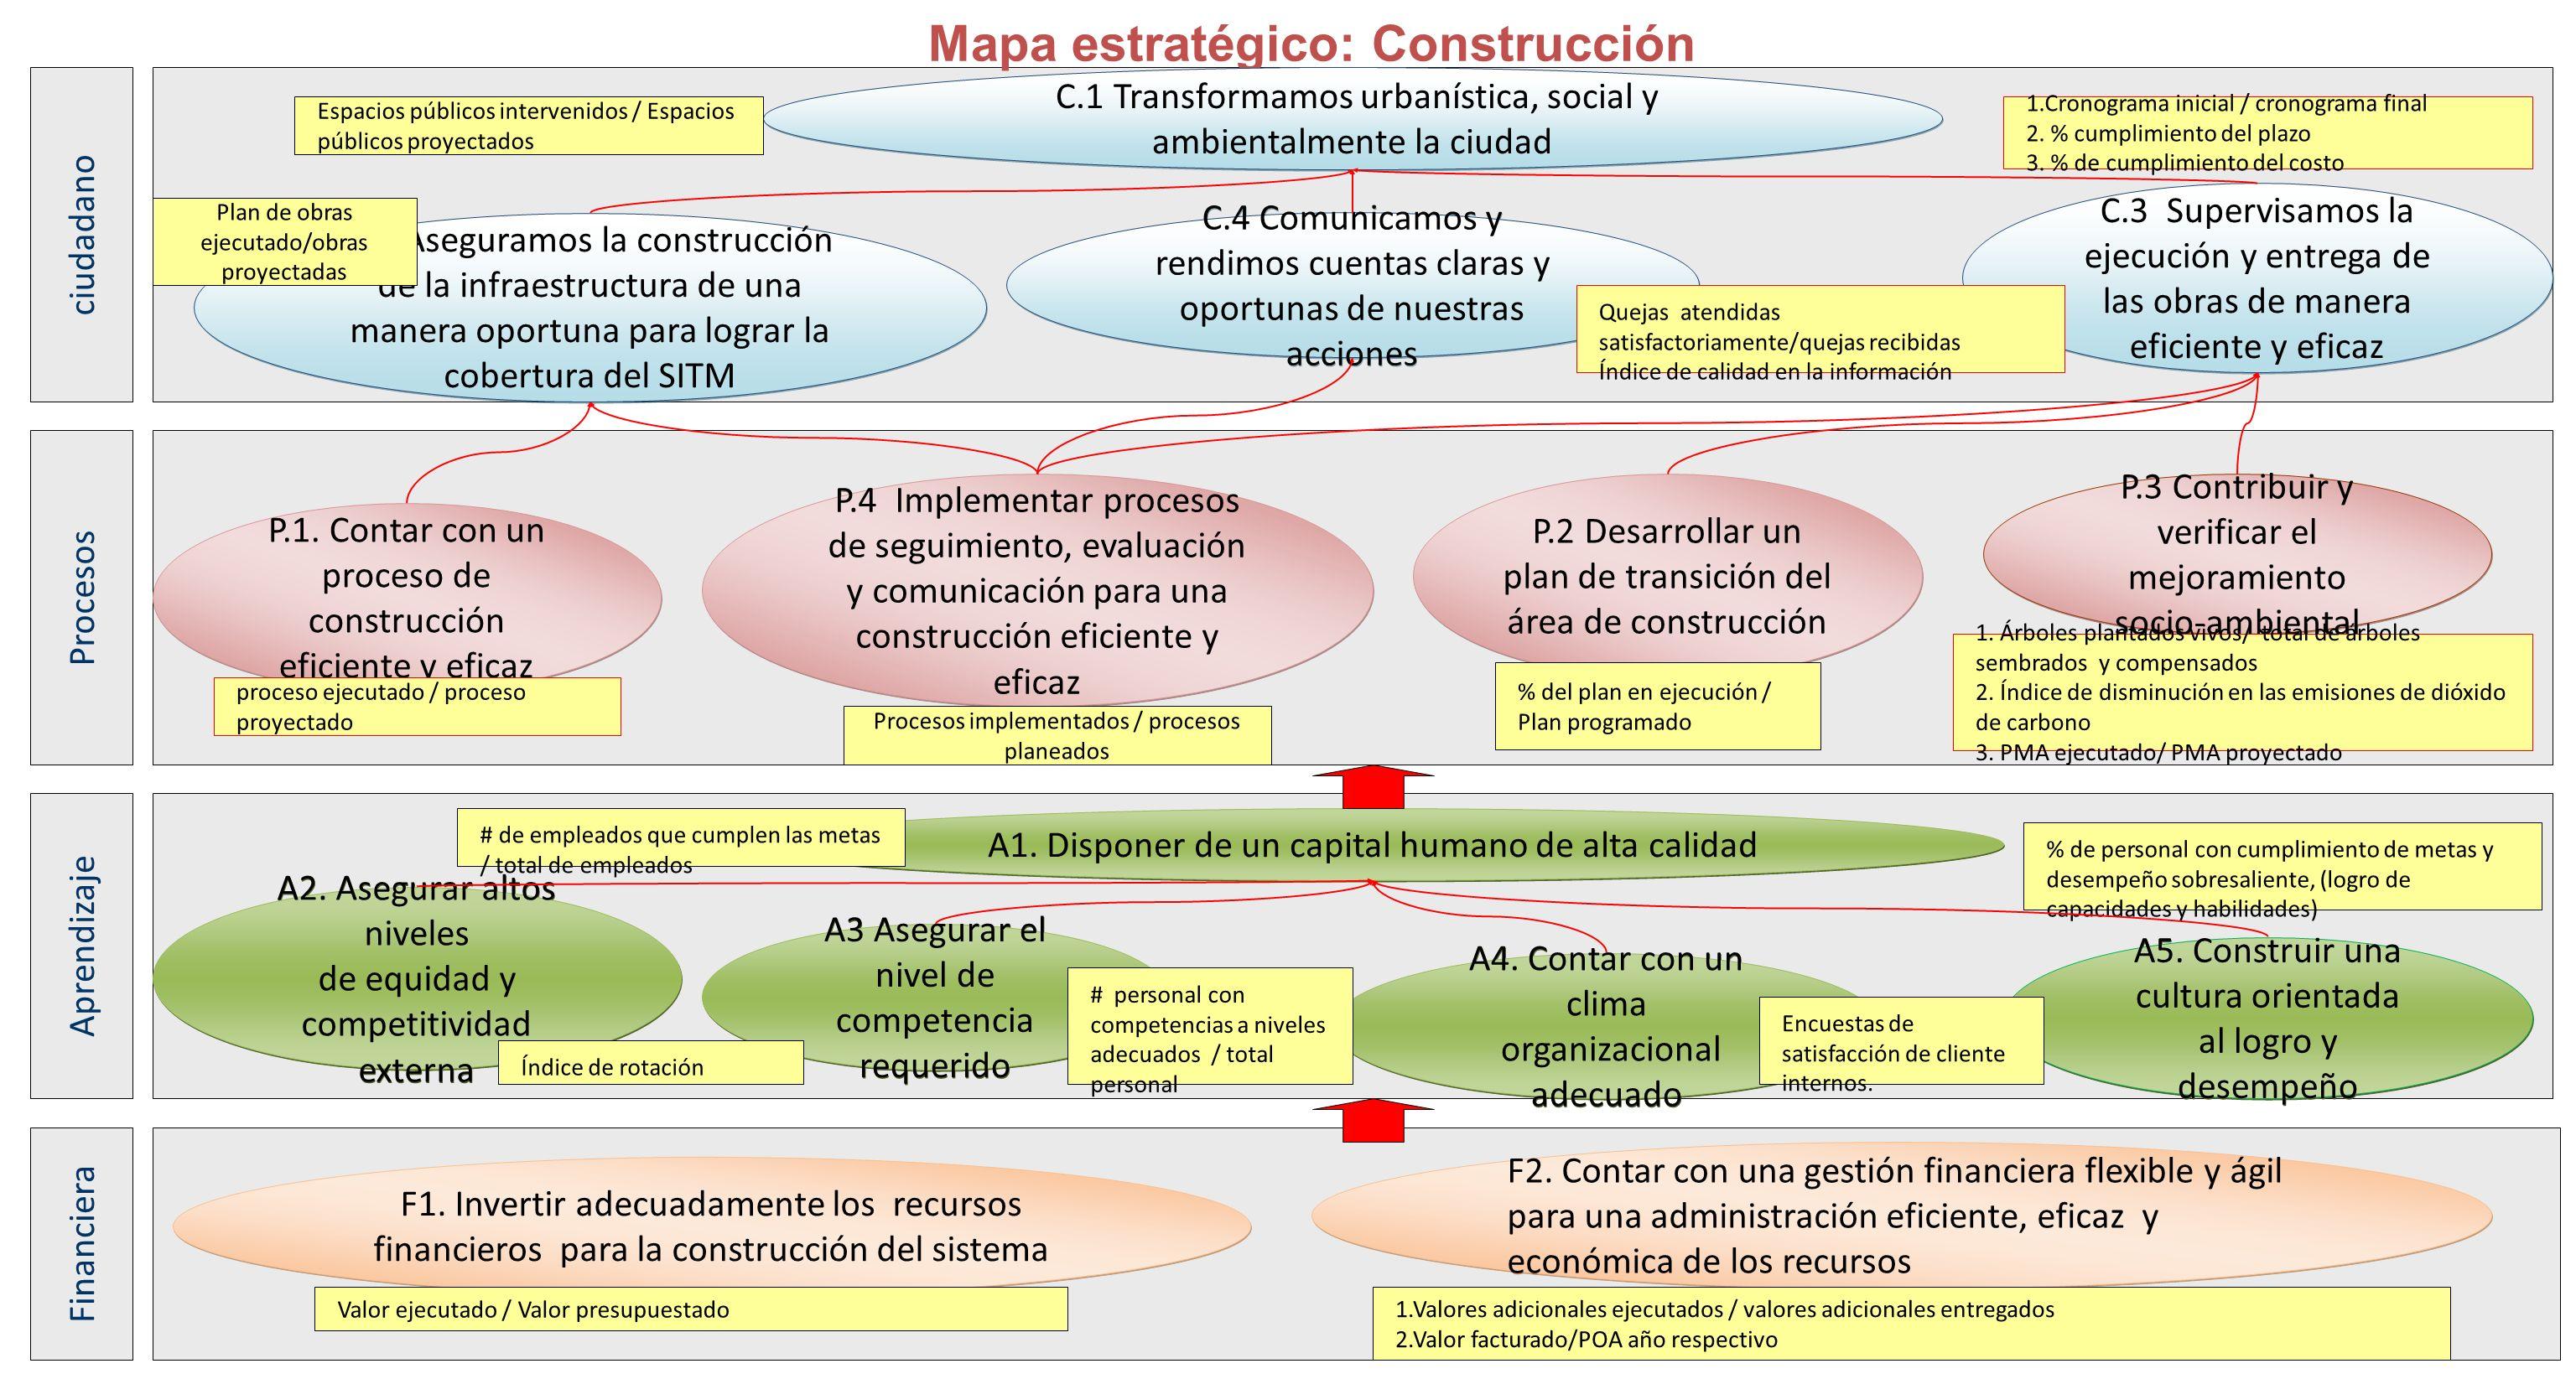 ALCALDÍA DE SANTIAGO DE CALI MAPA DE MACROPROCESOS ESTRATÉGICOS DIRECCIONAMIENTO ESTRATÉGICO DESARROLLO SOCIAL COMUNICACIÓN PÚBLICA JURÍDICO – ADMINIS TRATIVO PARTICIPACIÓN SOCIAL USUARIO-BENEFICIARIOUSUARIO-BENEFICIARIO USUARIO-BENEFICIARIOUSUARIO-BENEFICIARIO DESARROLLO INTEGRAL DEL TERRITORIO CONVIVENCIA Y SEGURIDAD GESTIÓN DEL TALENTO HUMANO HACIENDA PÚBLICA GESTIÓN TECNOLÓGICA Y DE LA INFORMACIÓN MISIONALES APOYO SEGUIMIENTO Y EVALUACION CONTROL